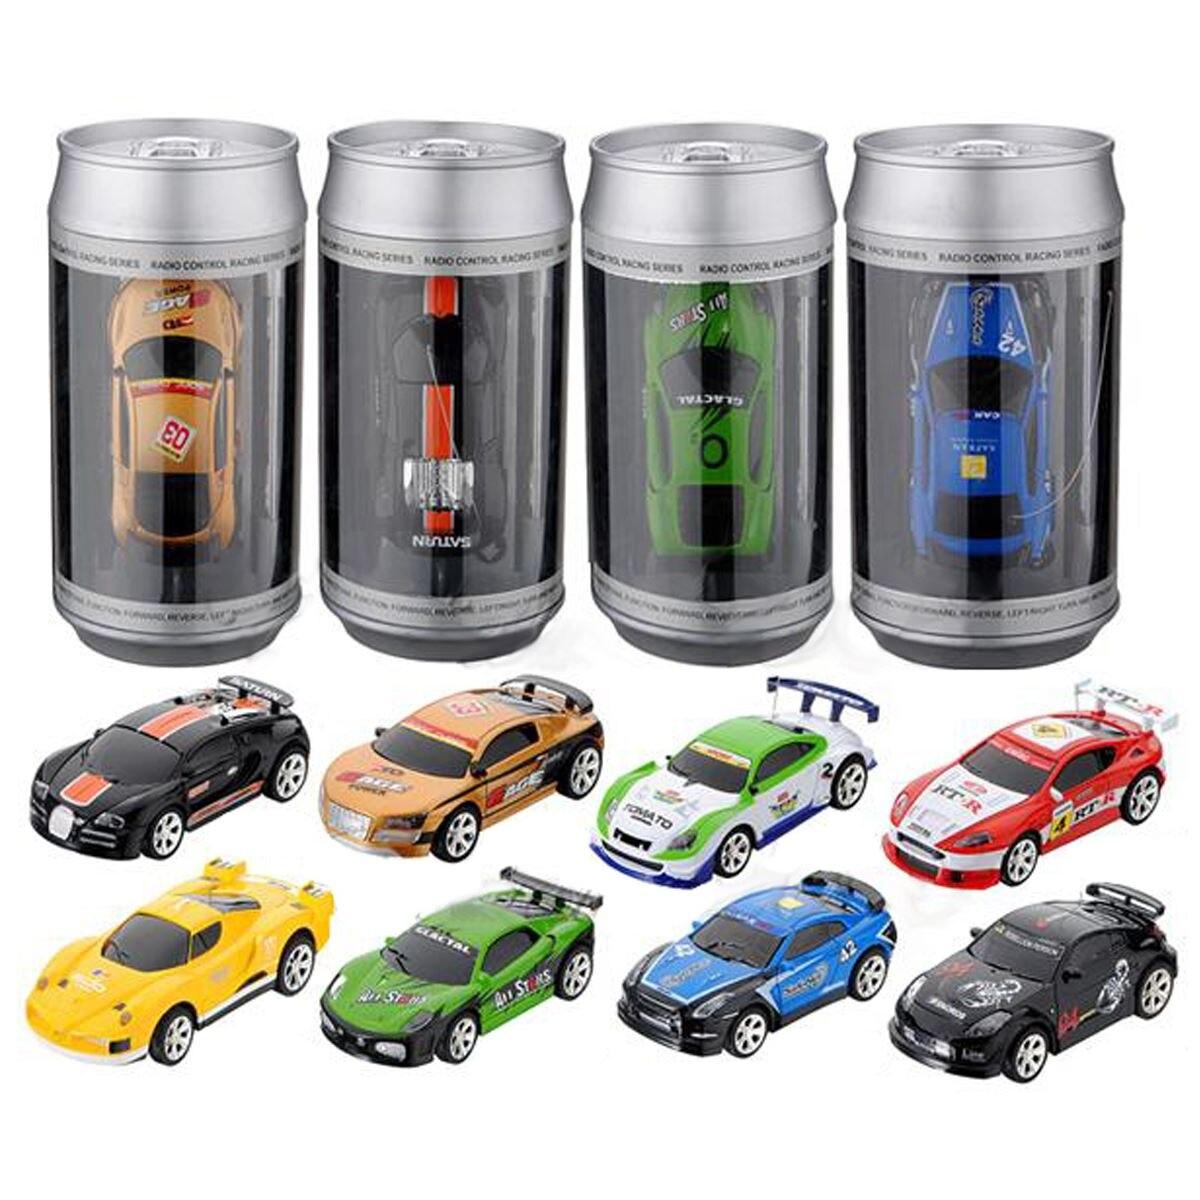 8 Cores Hot Sales 20 KM/H Coca-cola Pode Mini RC Car Radio Remote Control Micro Car Racing 4 Freqüências de Brinquedo Para crianças